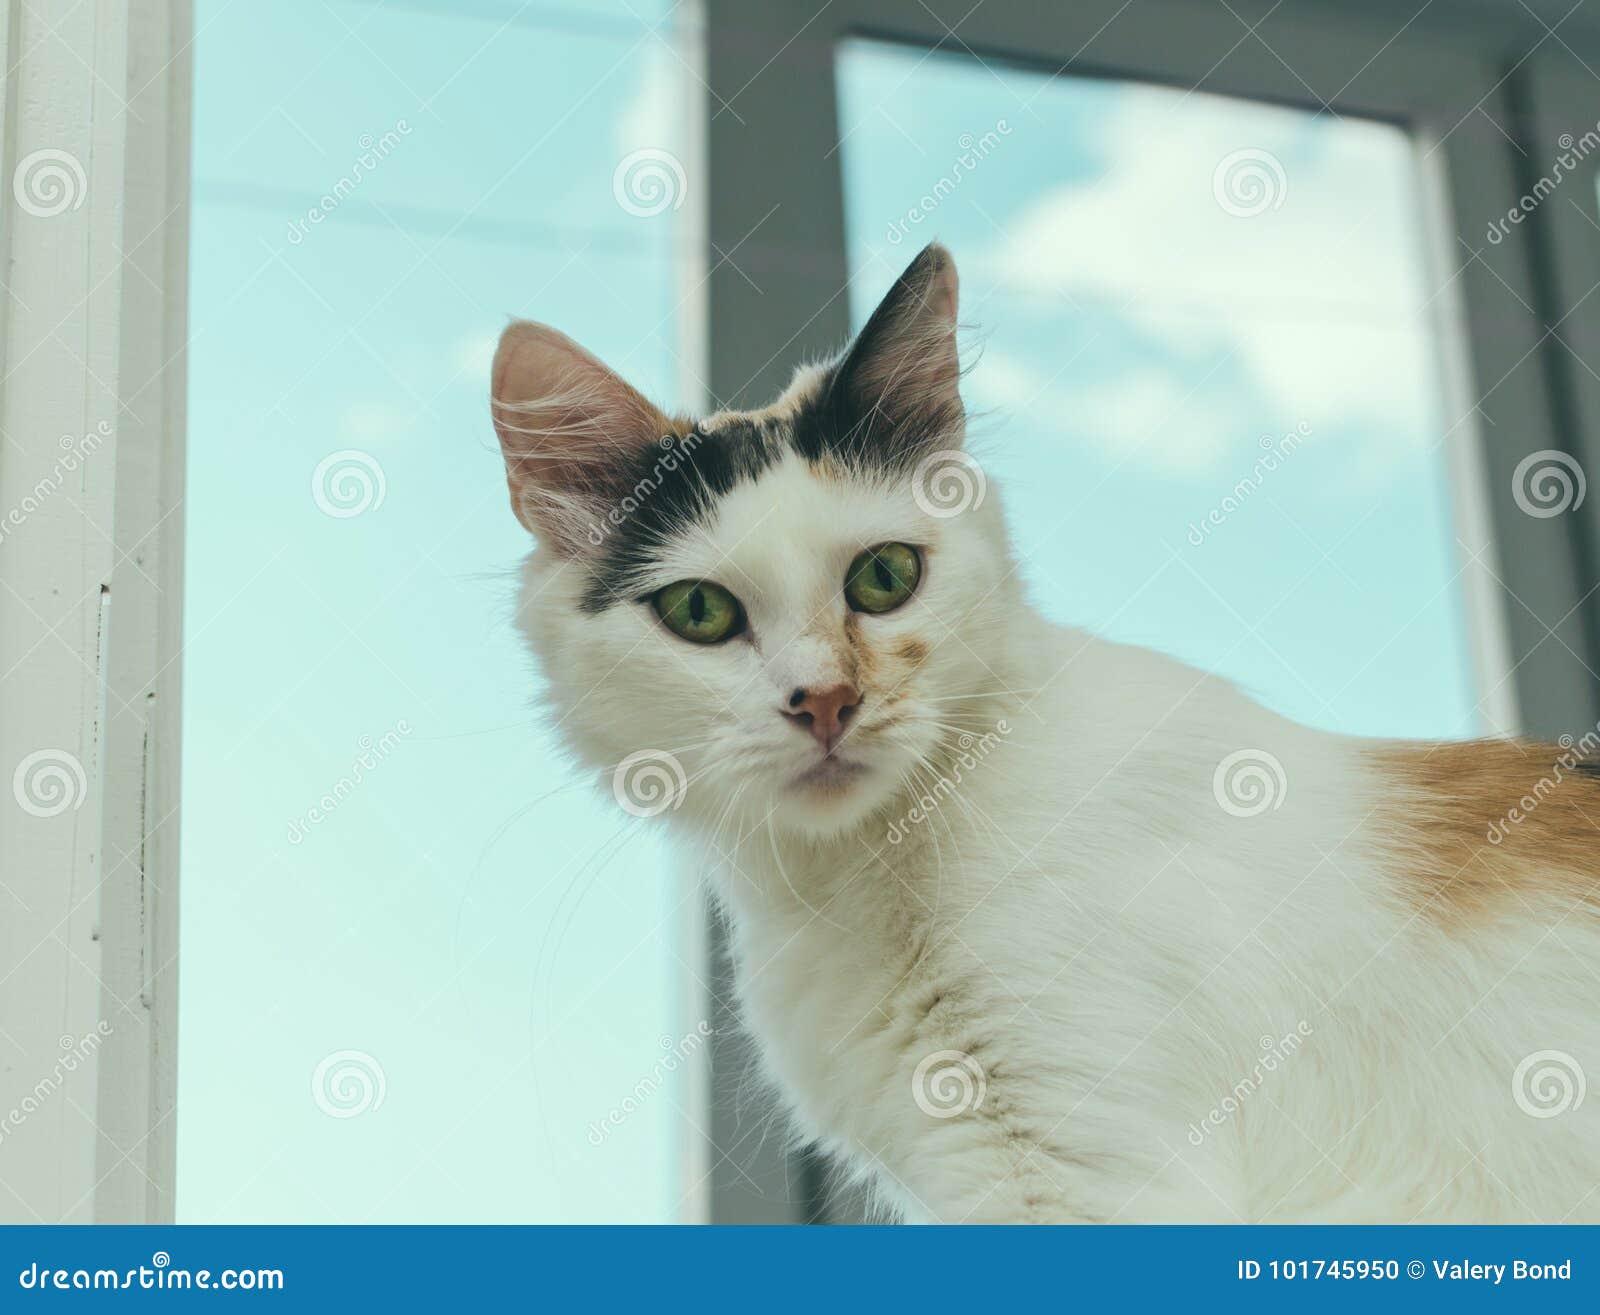 Katt på fönstret